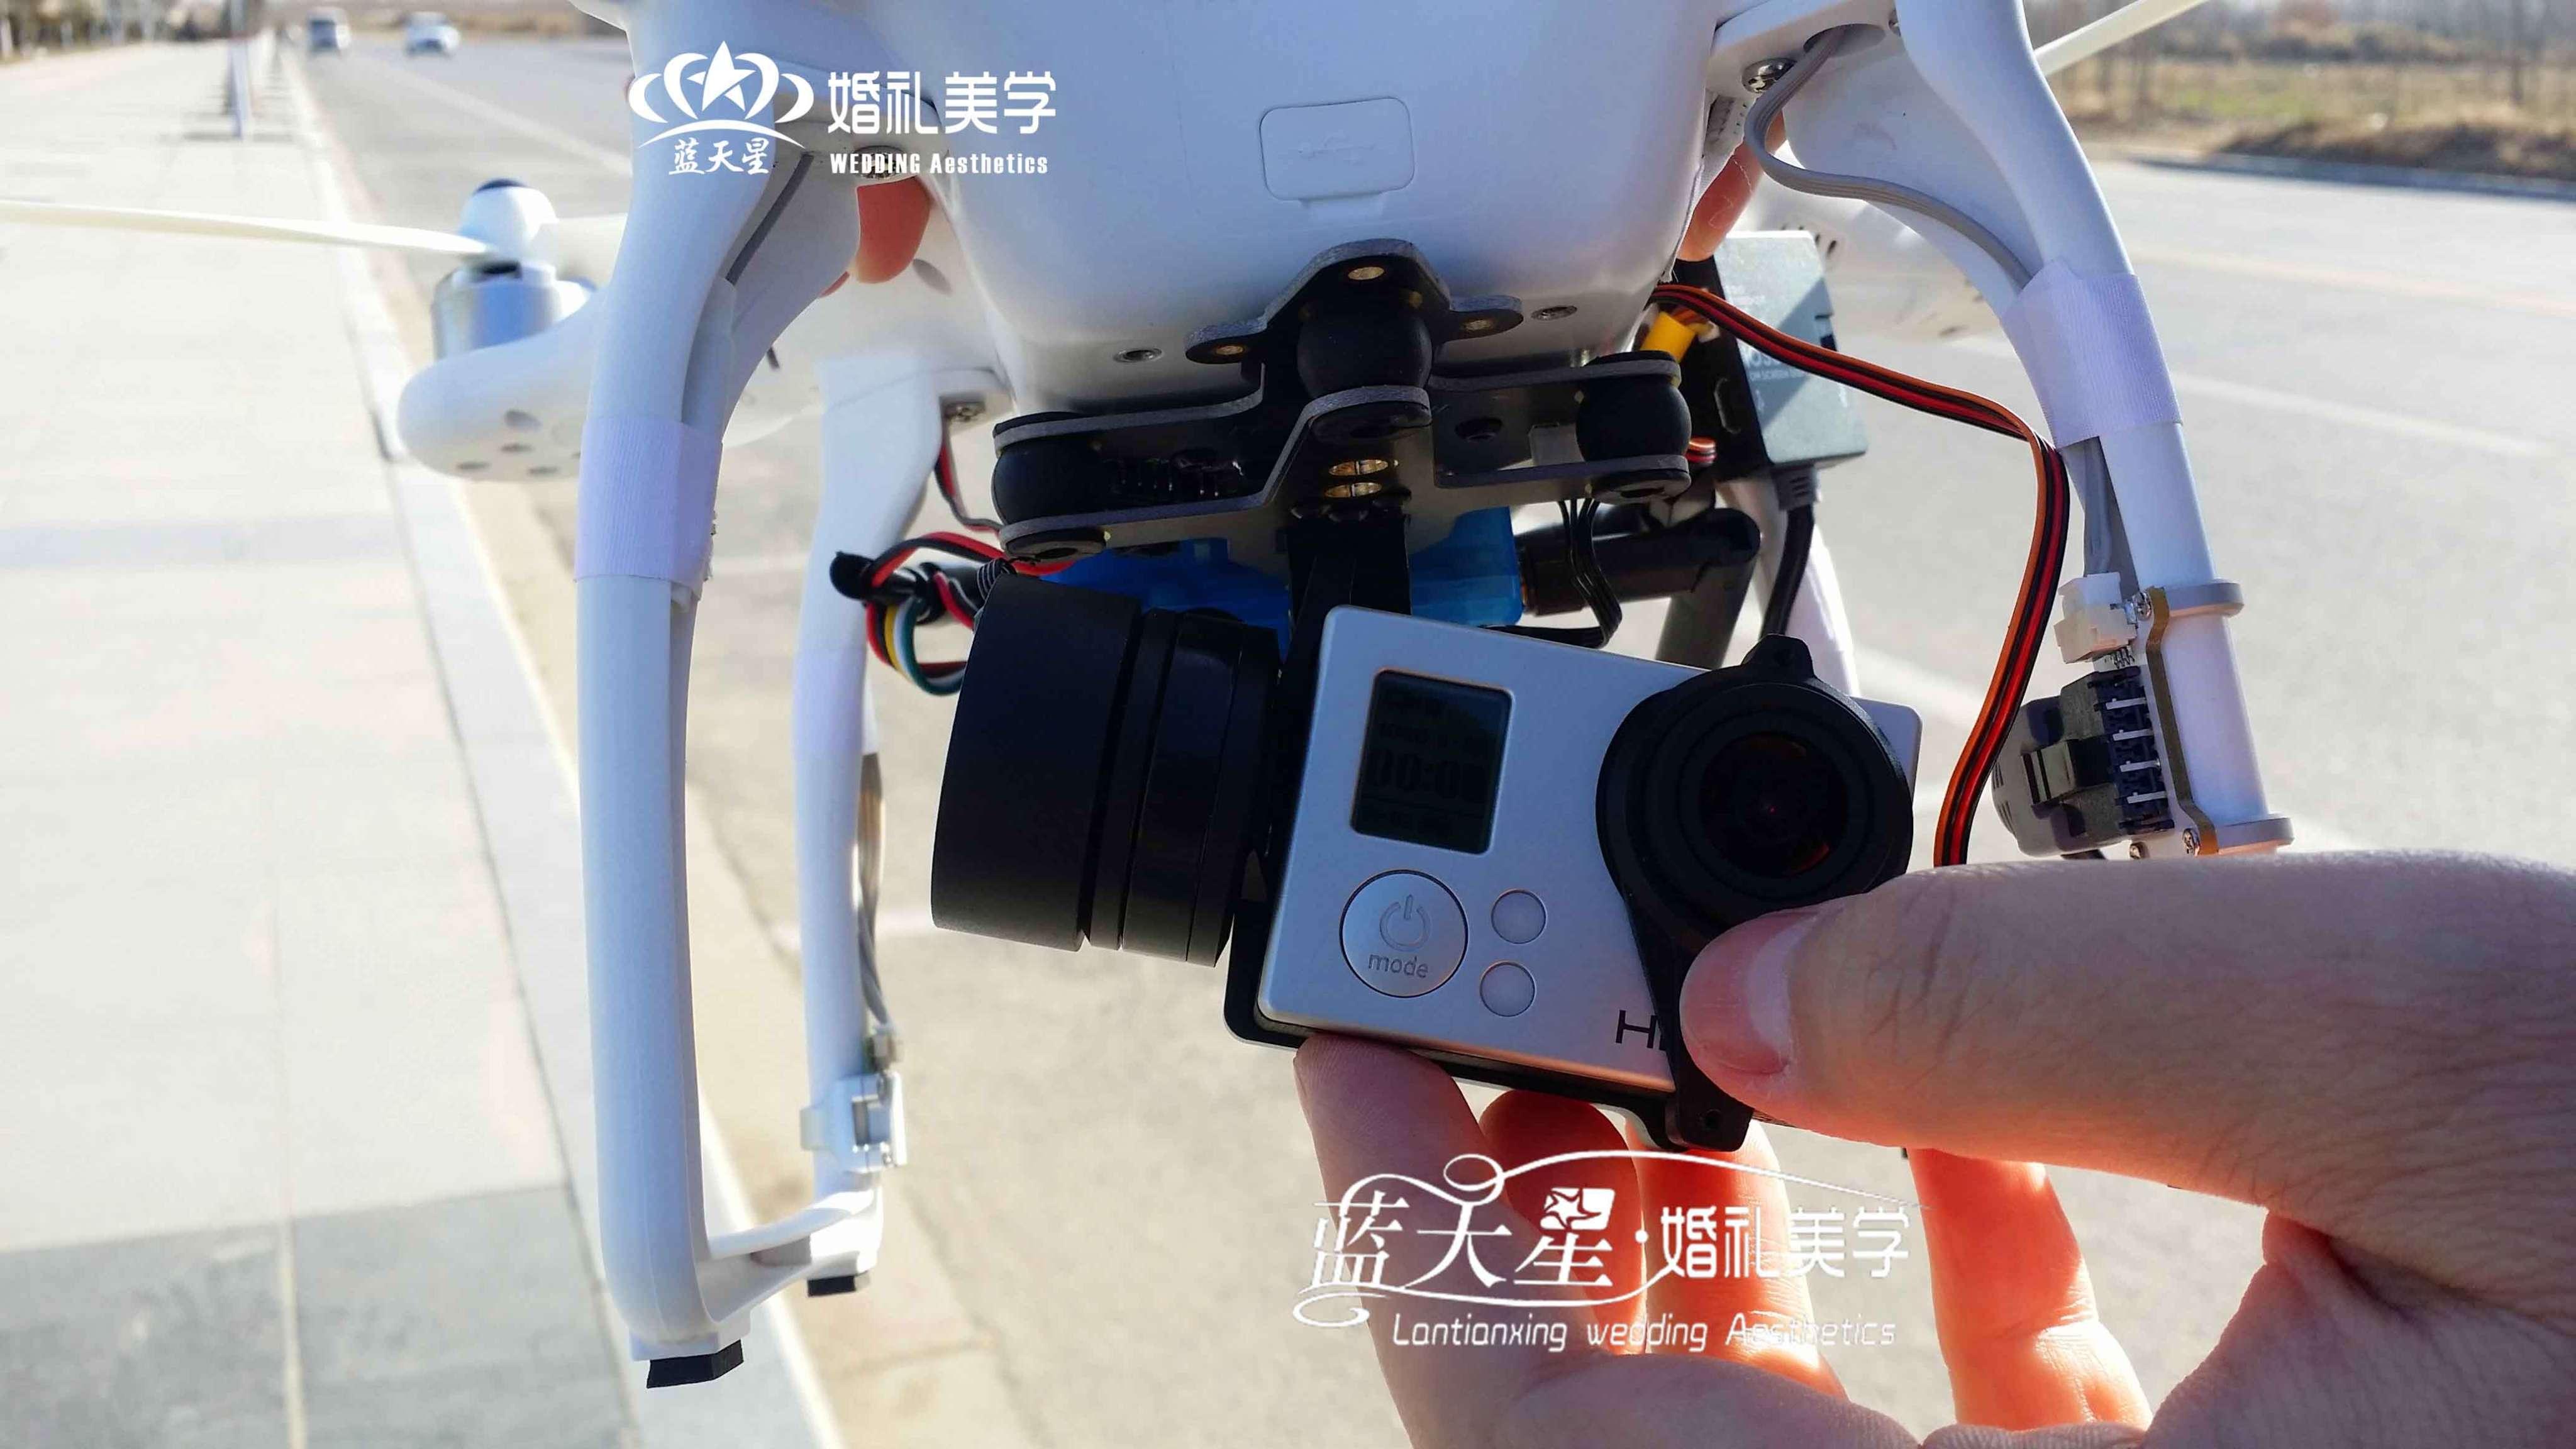 蓝天星拍摄设备-航拍摄像机